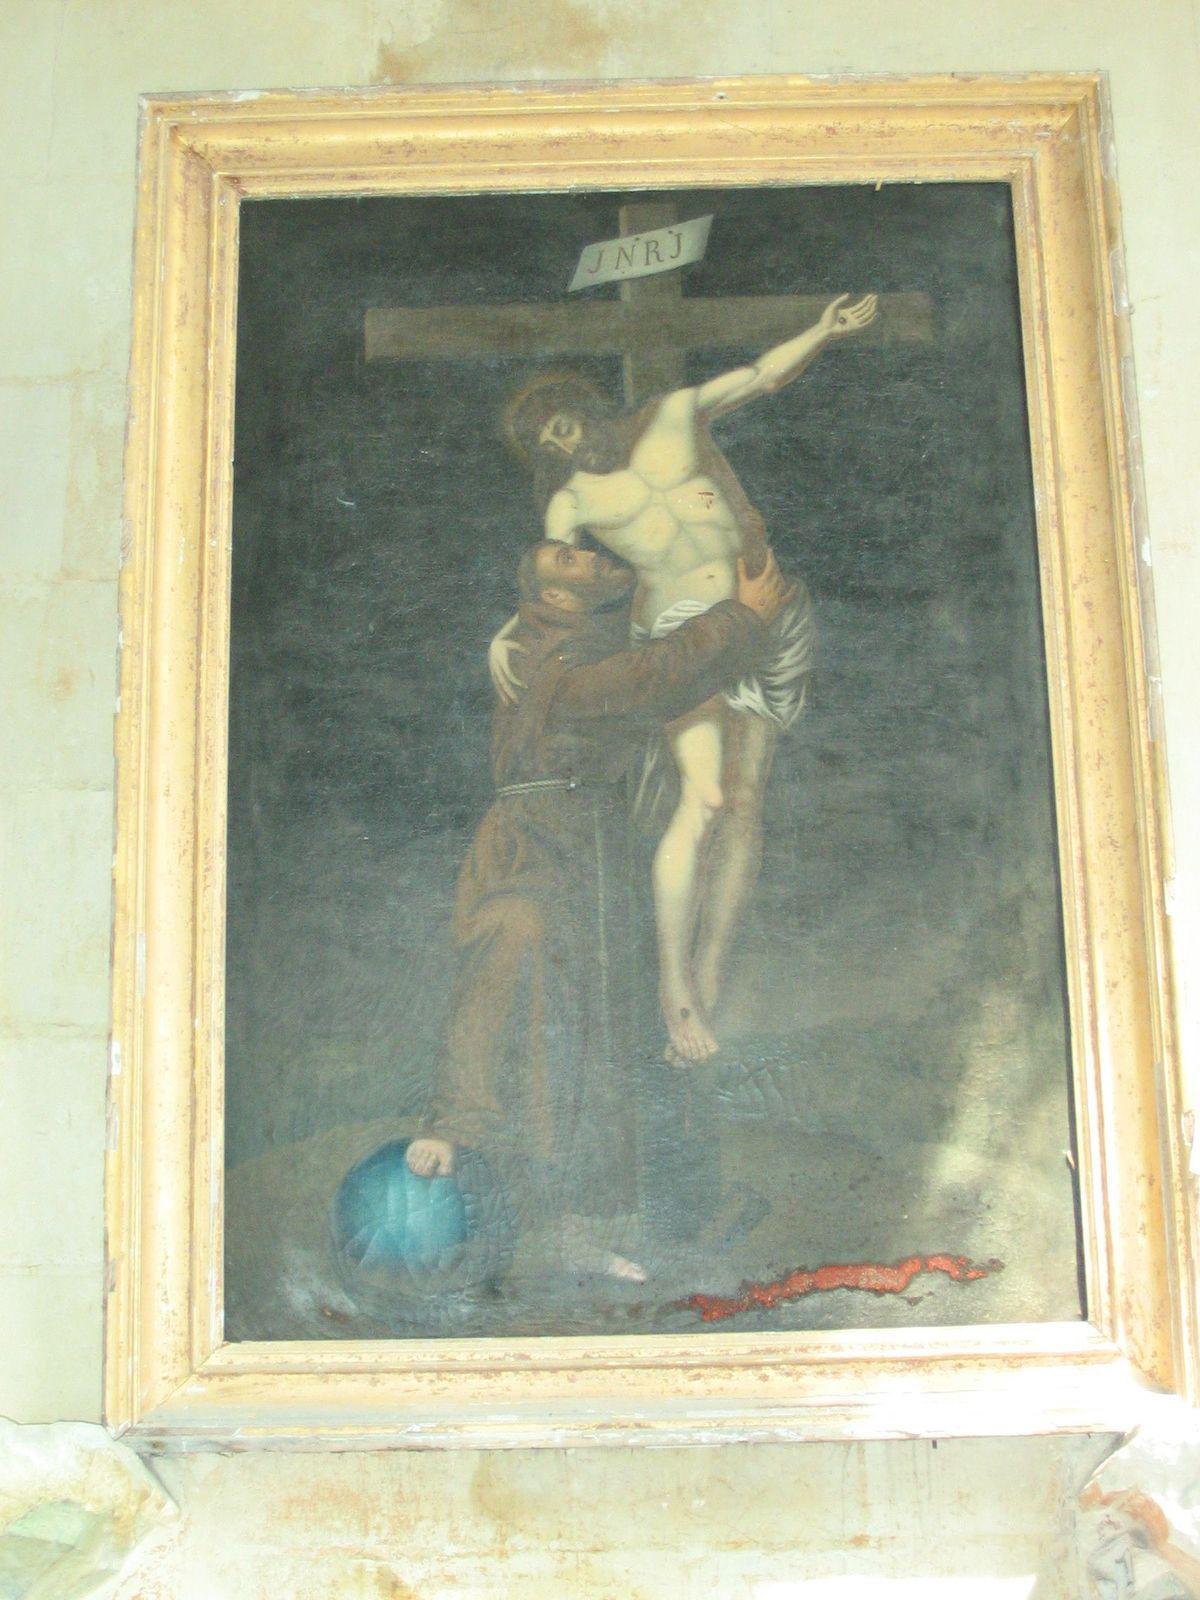 Dans quelques jours des portraits d'évêques qui ont siègé sur le fauteuil épiscopal de Saintes.... jusqu'au dernier, Monseigneur PIerre Louis de La Rochefoucauld, dernier évêque ayant exercé à Saintes, avant d'être massacré aux Carmes à Paris. (pour la petite histoire.... il n'avait pas été trop inquiété jusqu'au jour où il écrit indigné à la Convention nationale... et il venait alors de signer son arrêt de mort.